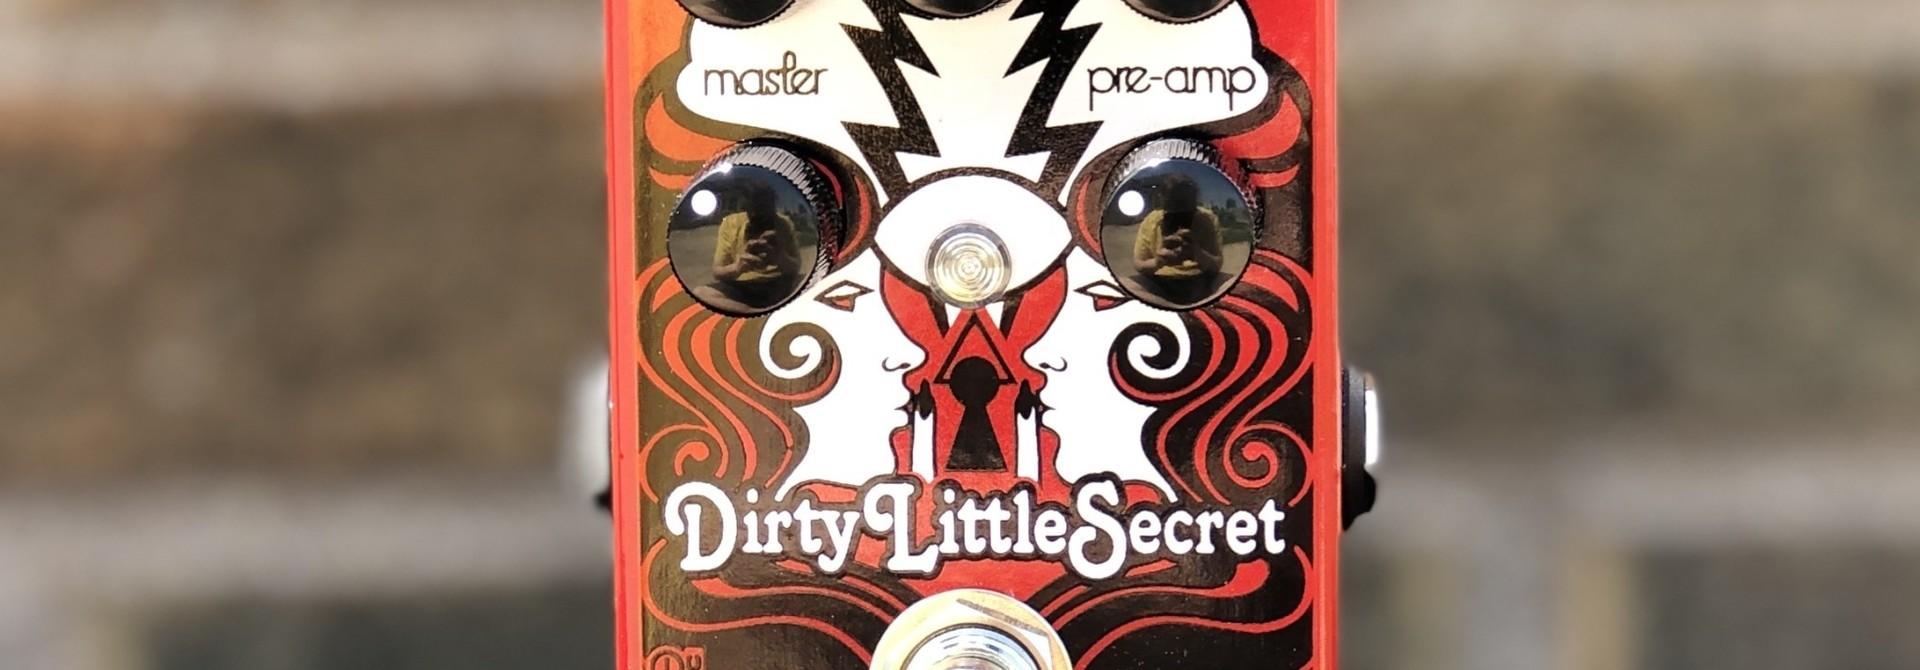 Catalinbread Dirty Little Secret Red